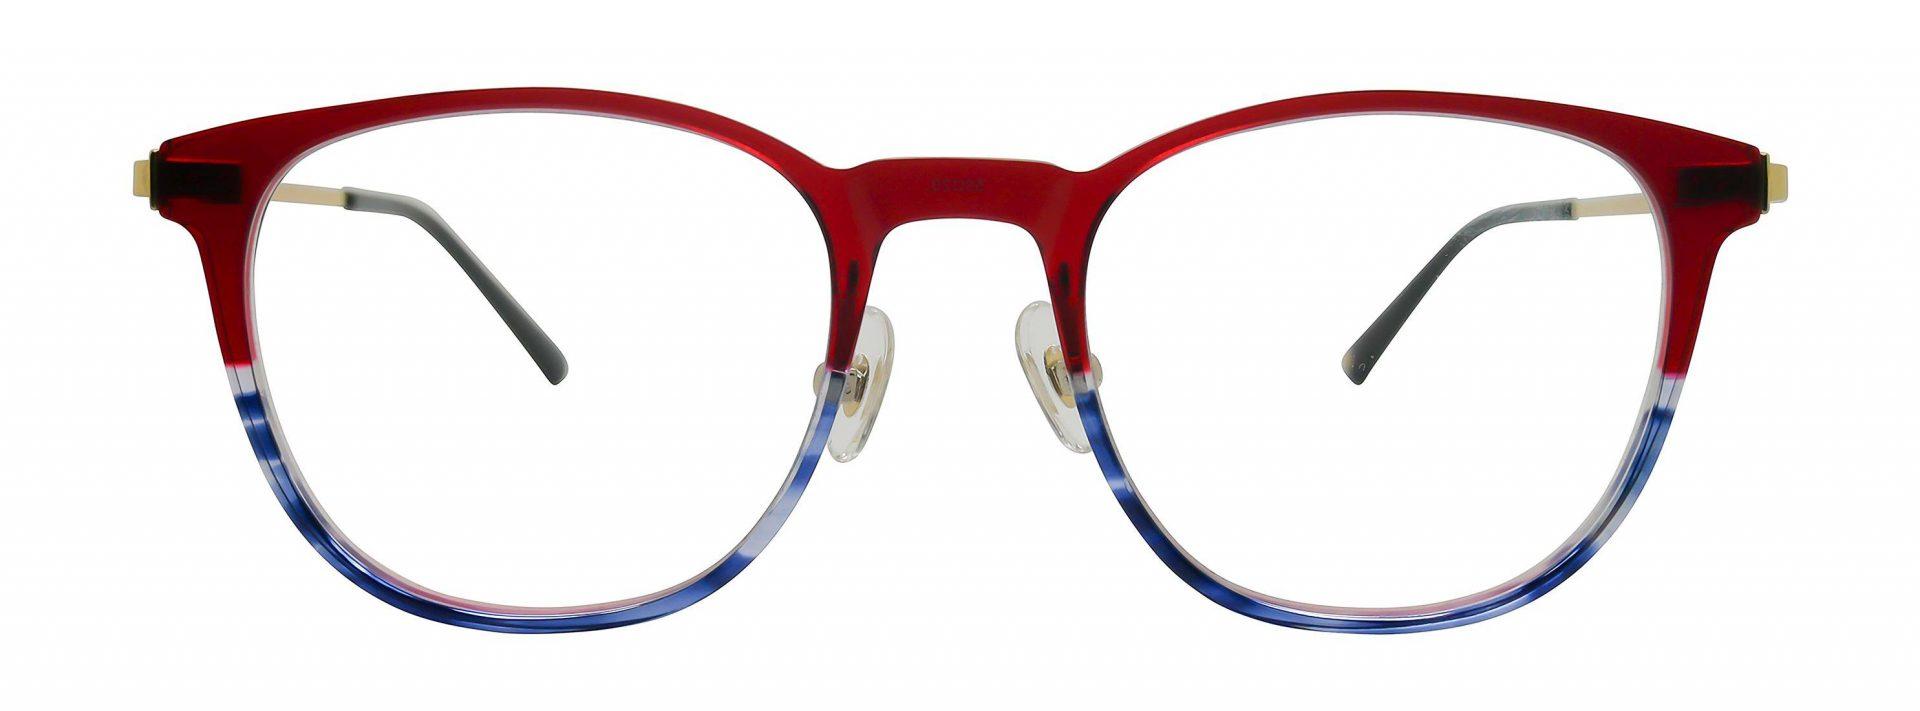 Elle Spectacles 14409 01